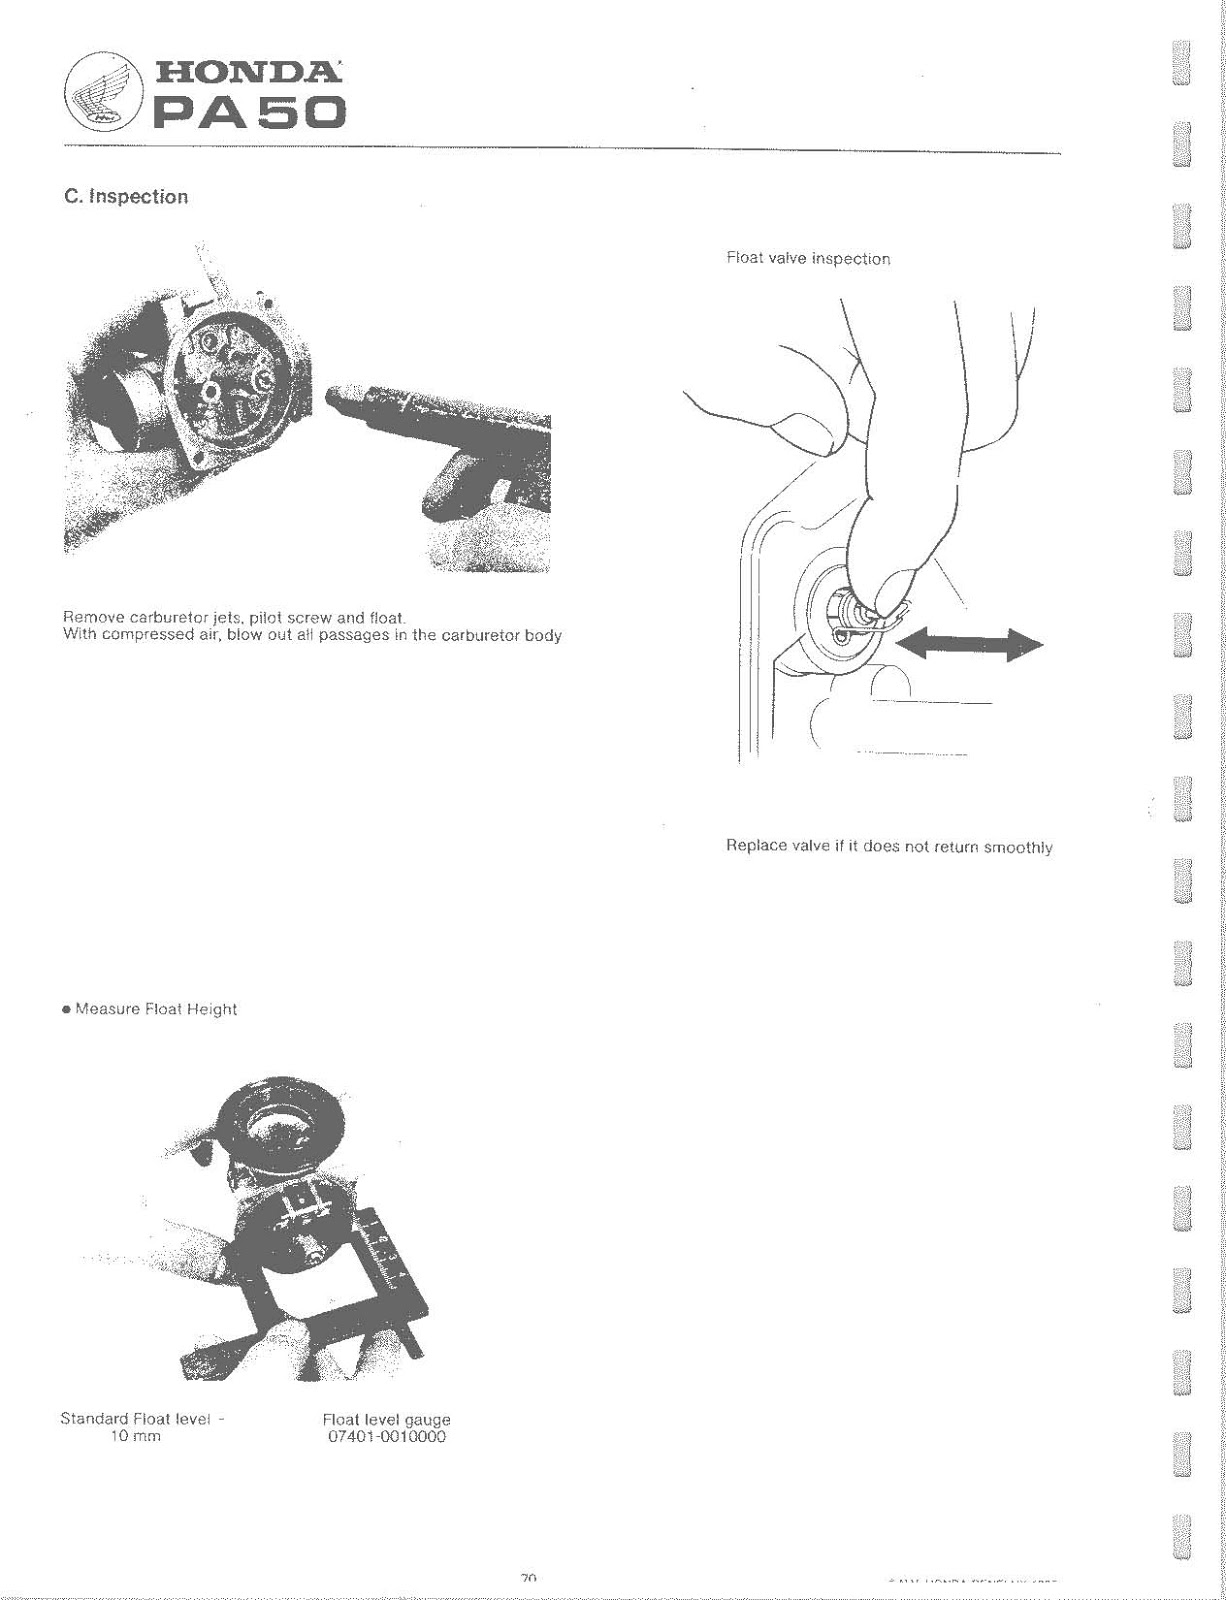 OB1 Repairs: Honda PA50 Service Manual